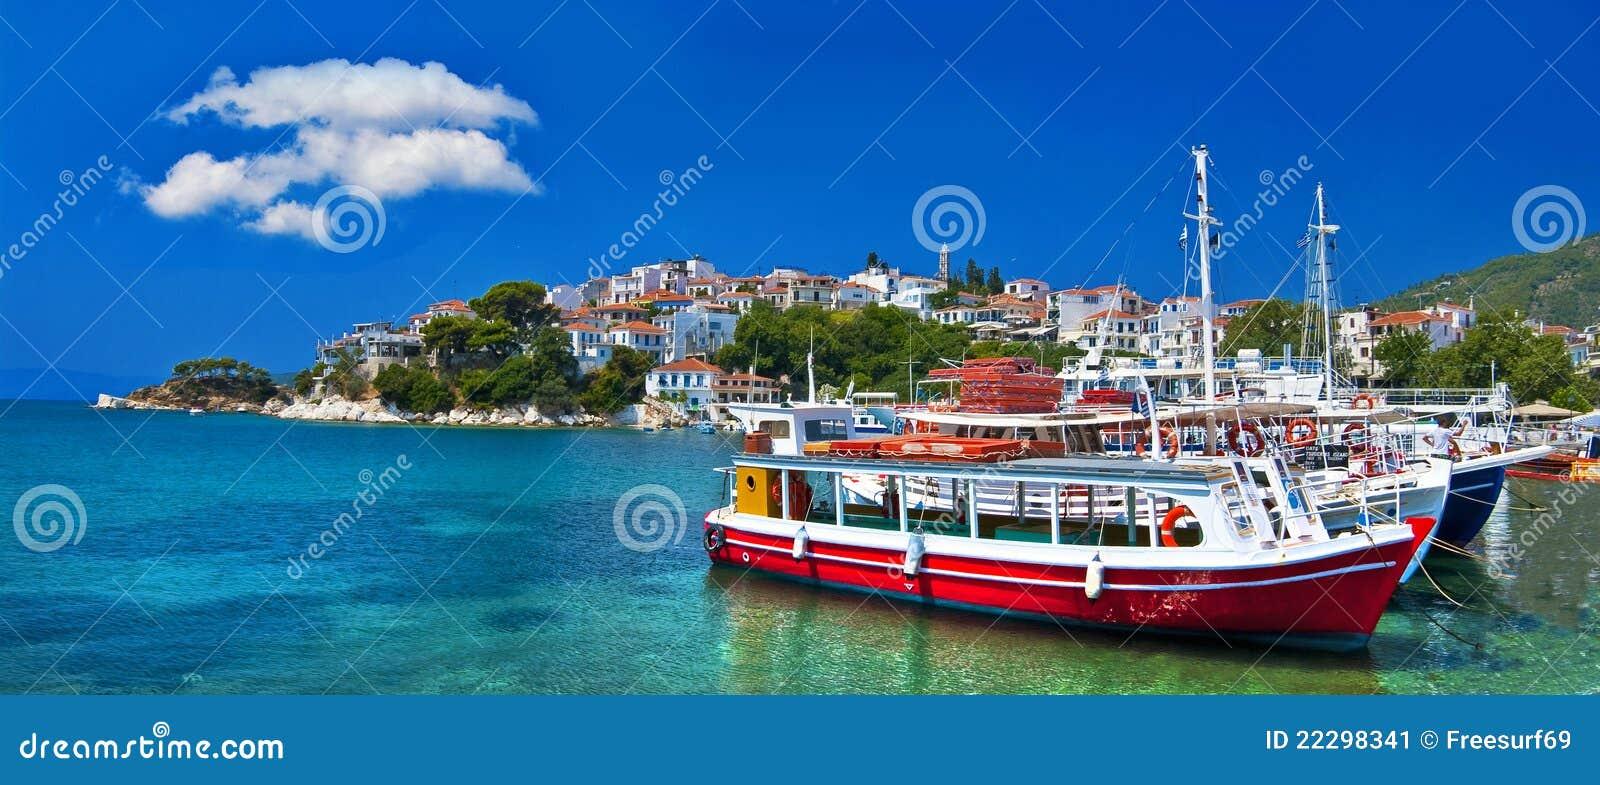 Schilder Griekse eilanden